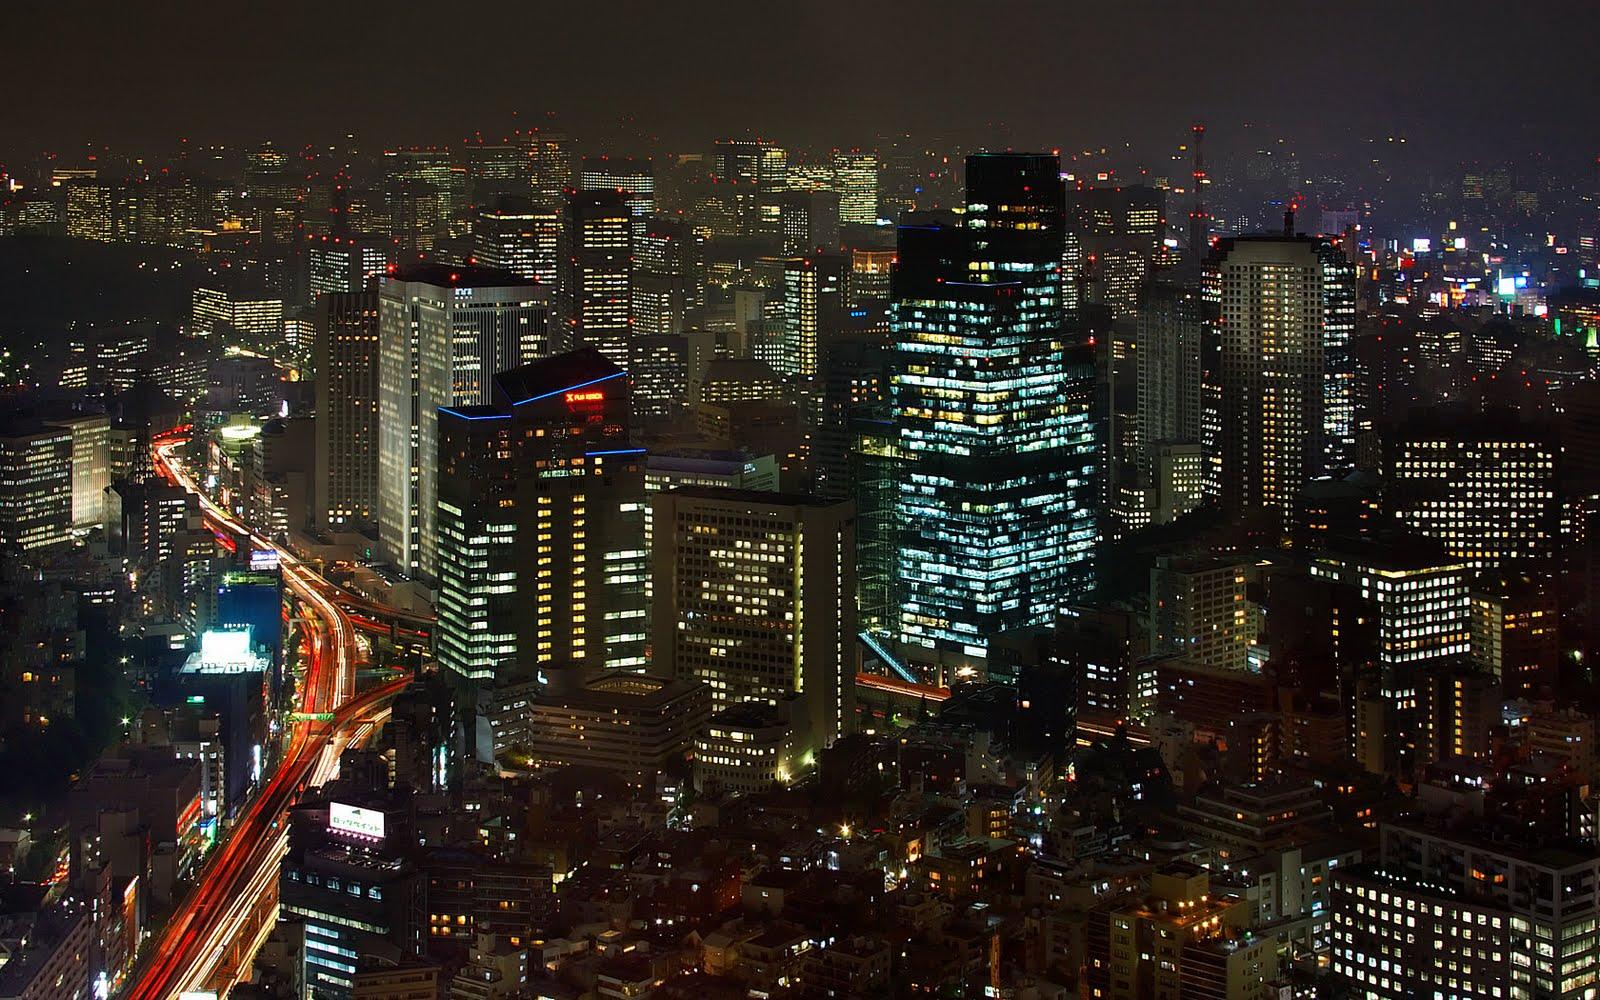 tokyo at night wallpaper hd desktop wallpaper